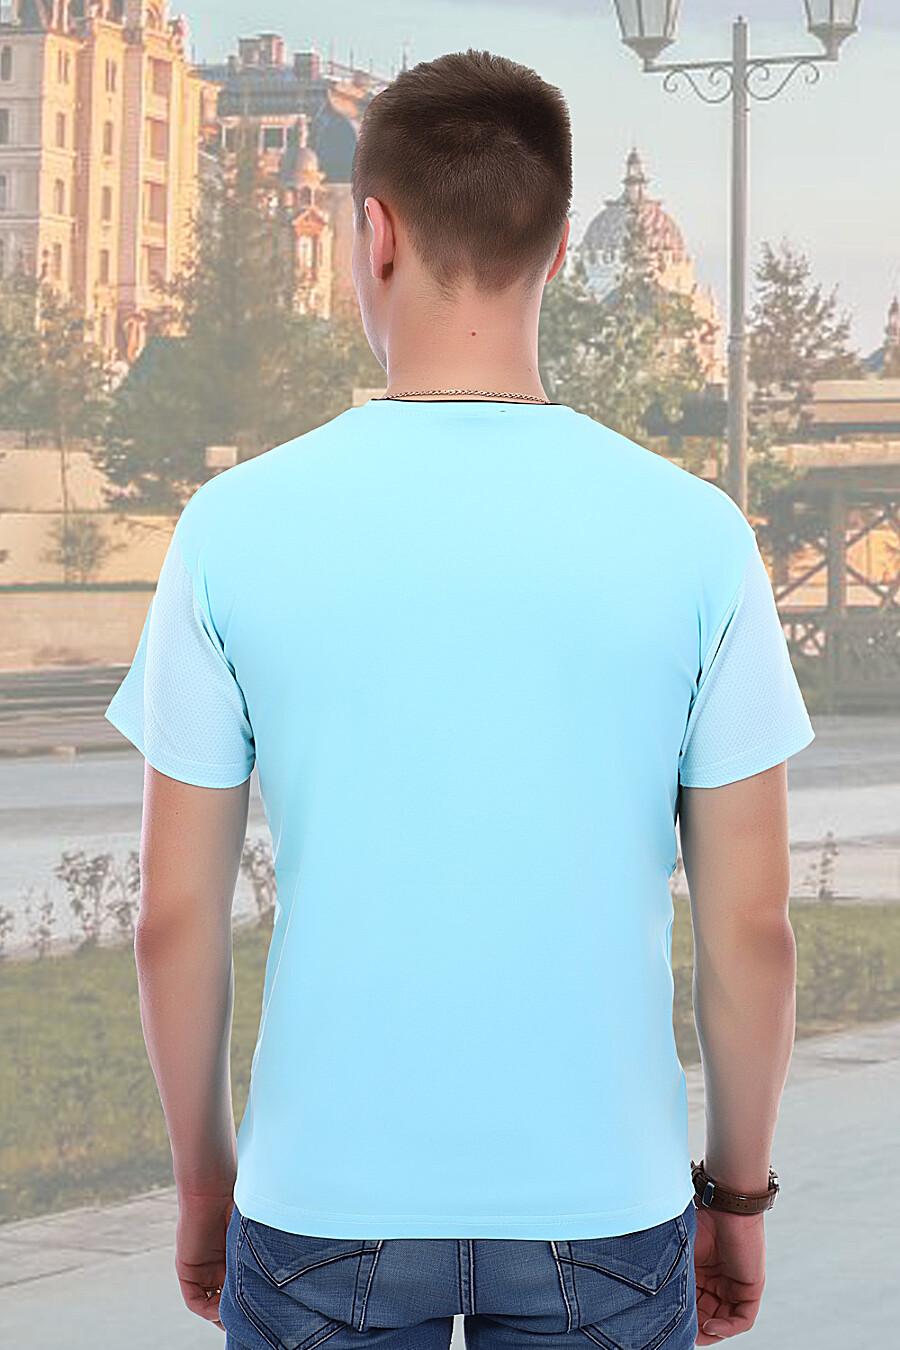 Футболка Кавалер для мужчин НАТАЛИ 288423 купить оптом от производителя. Совместная покупка мужской одежды в OptMoyo